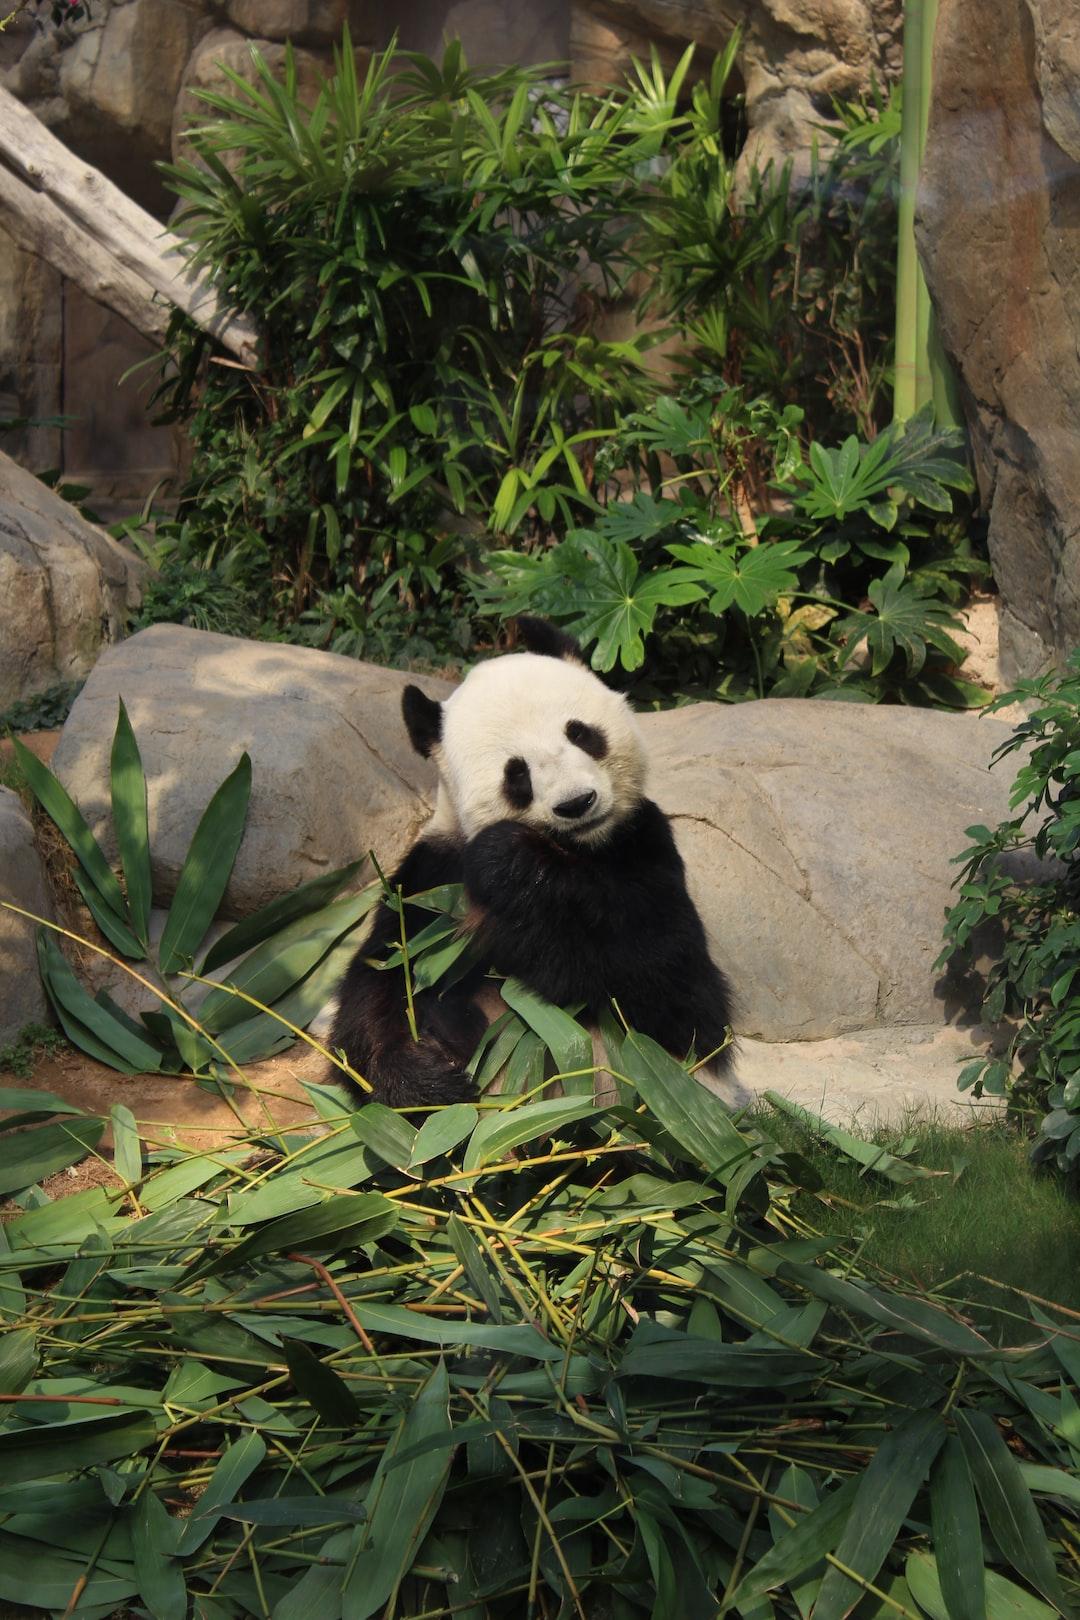 Panda having bamboo leaves at Ocean Park in Hong Kong.